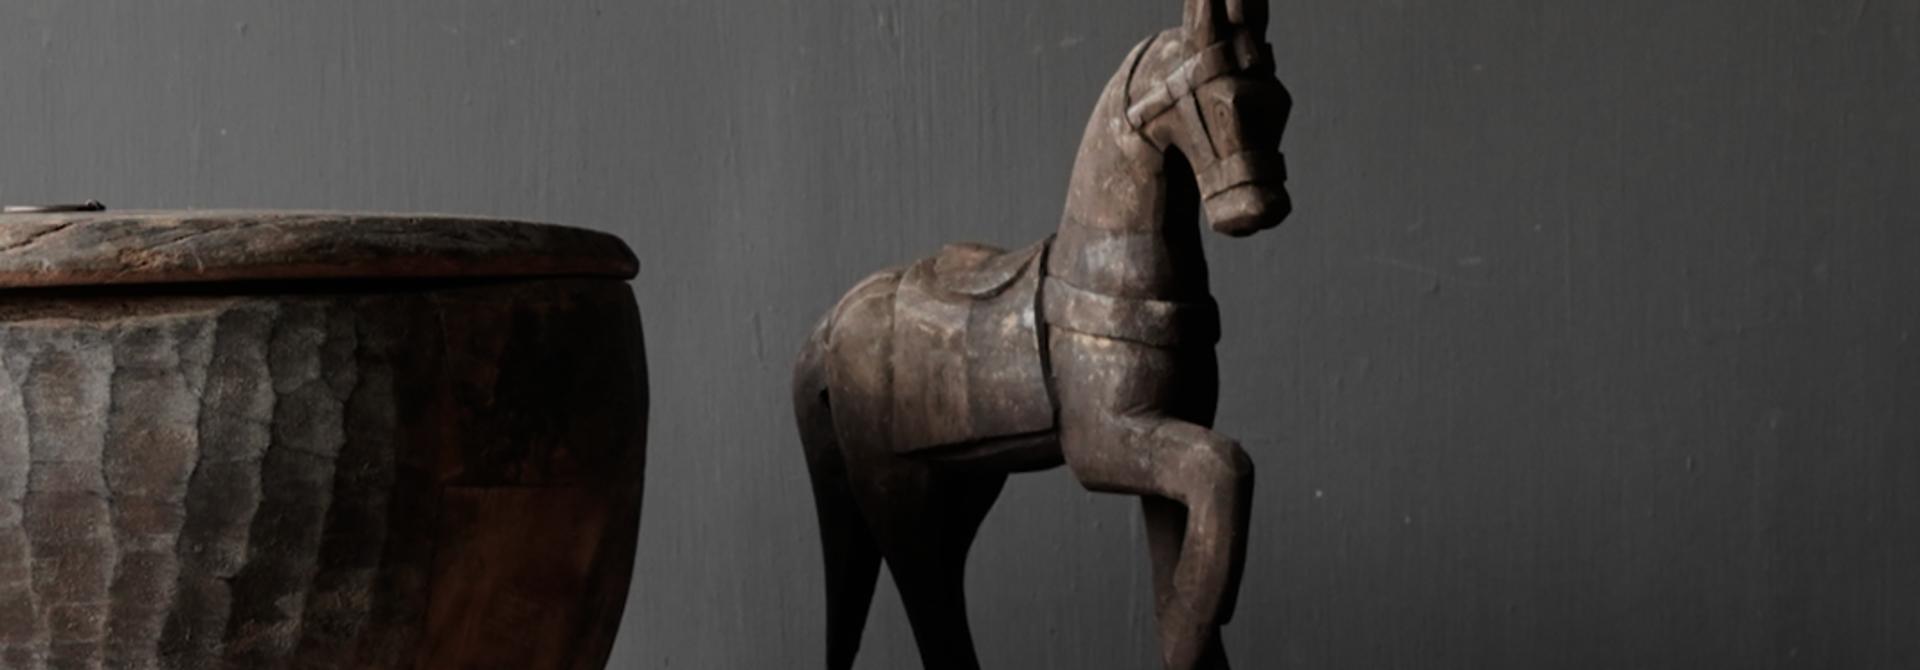 Houten paardje handgemaakt van oud hout